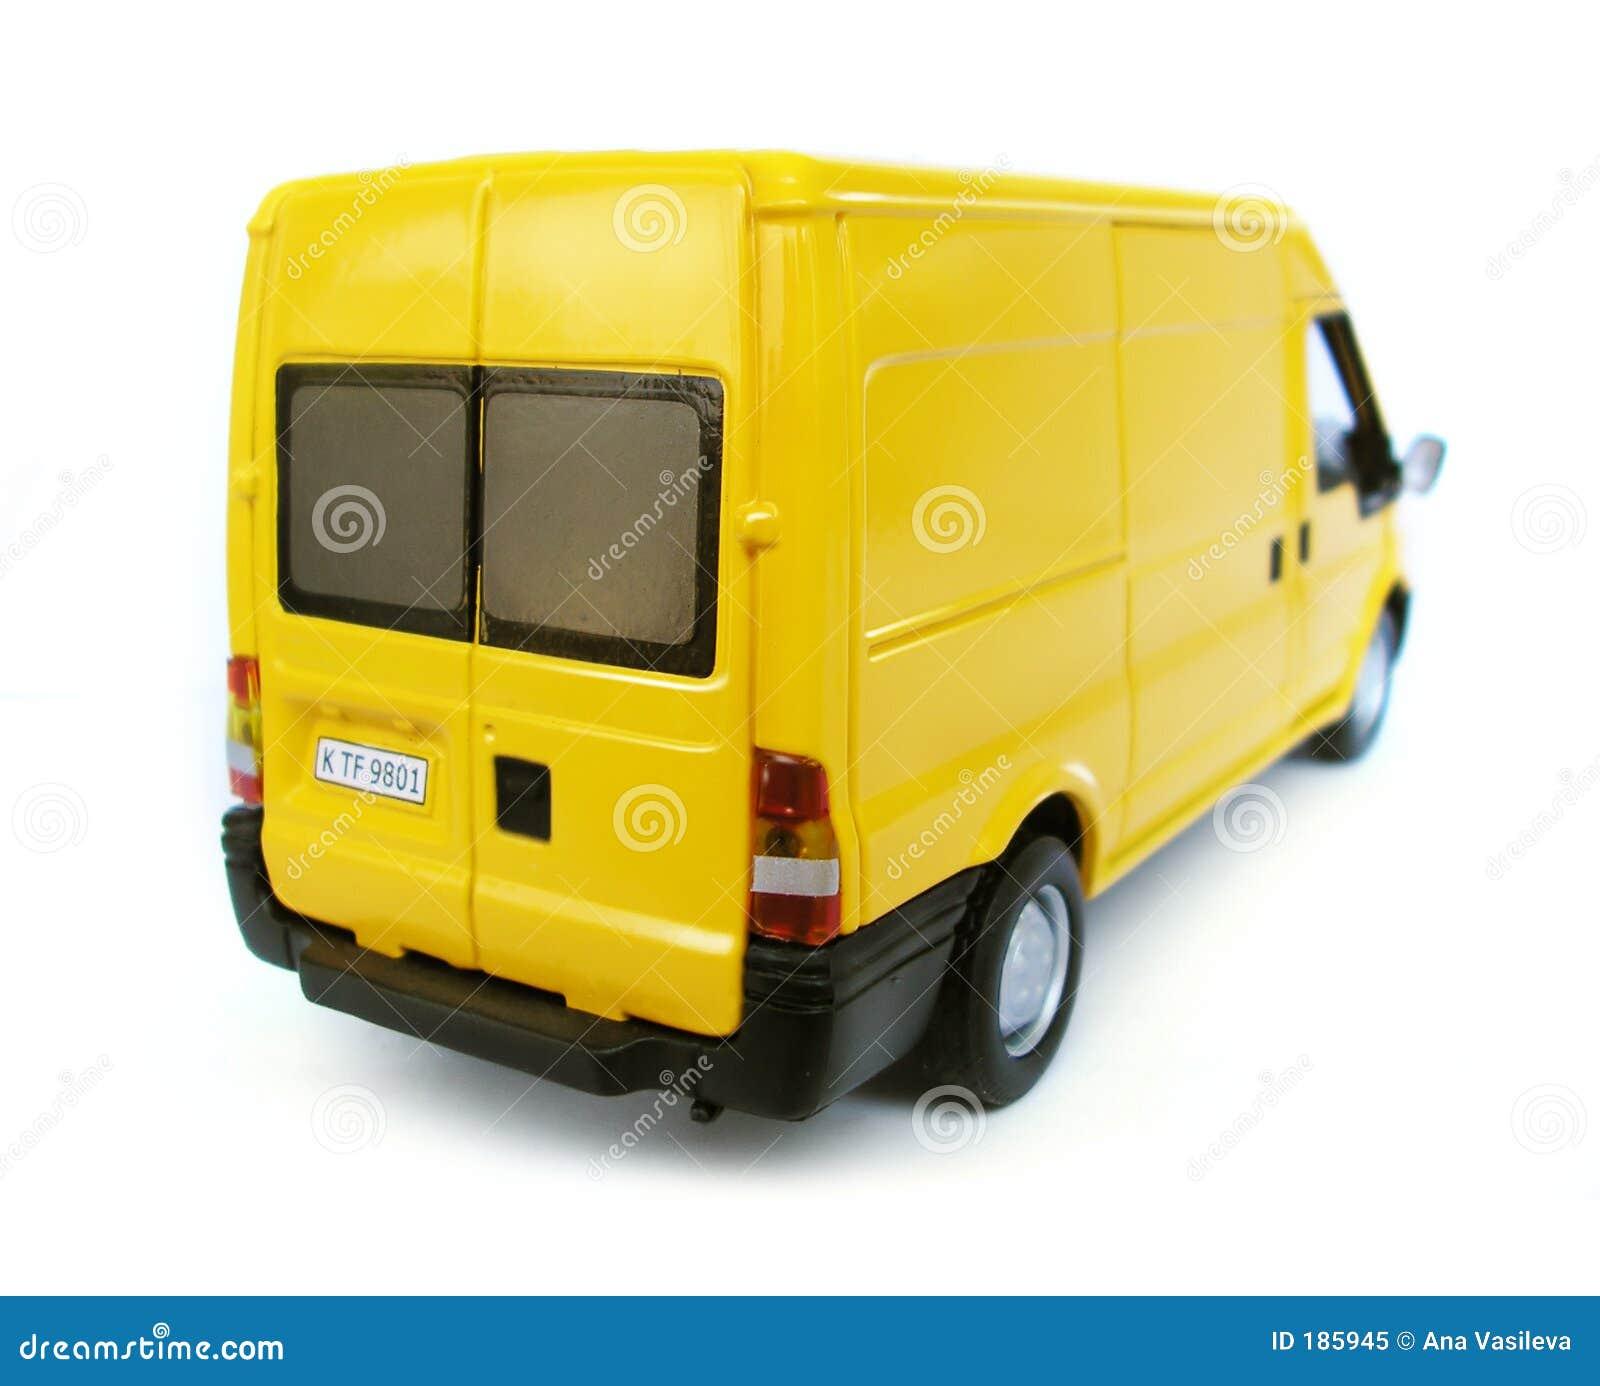 Véhicule modèle jaune - Van. Passe-temps, ramassage